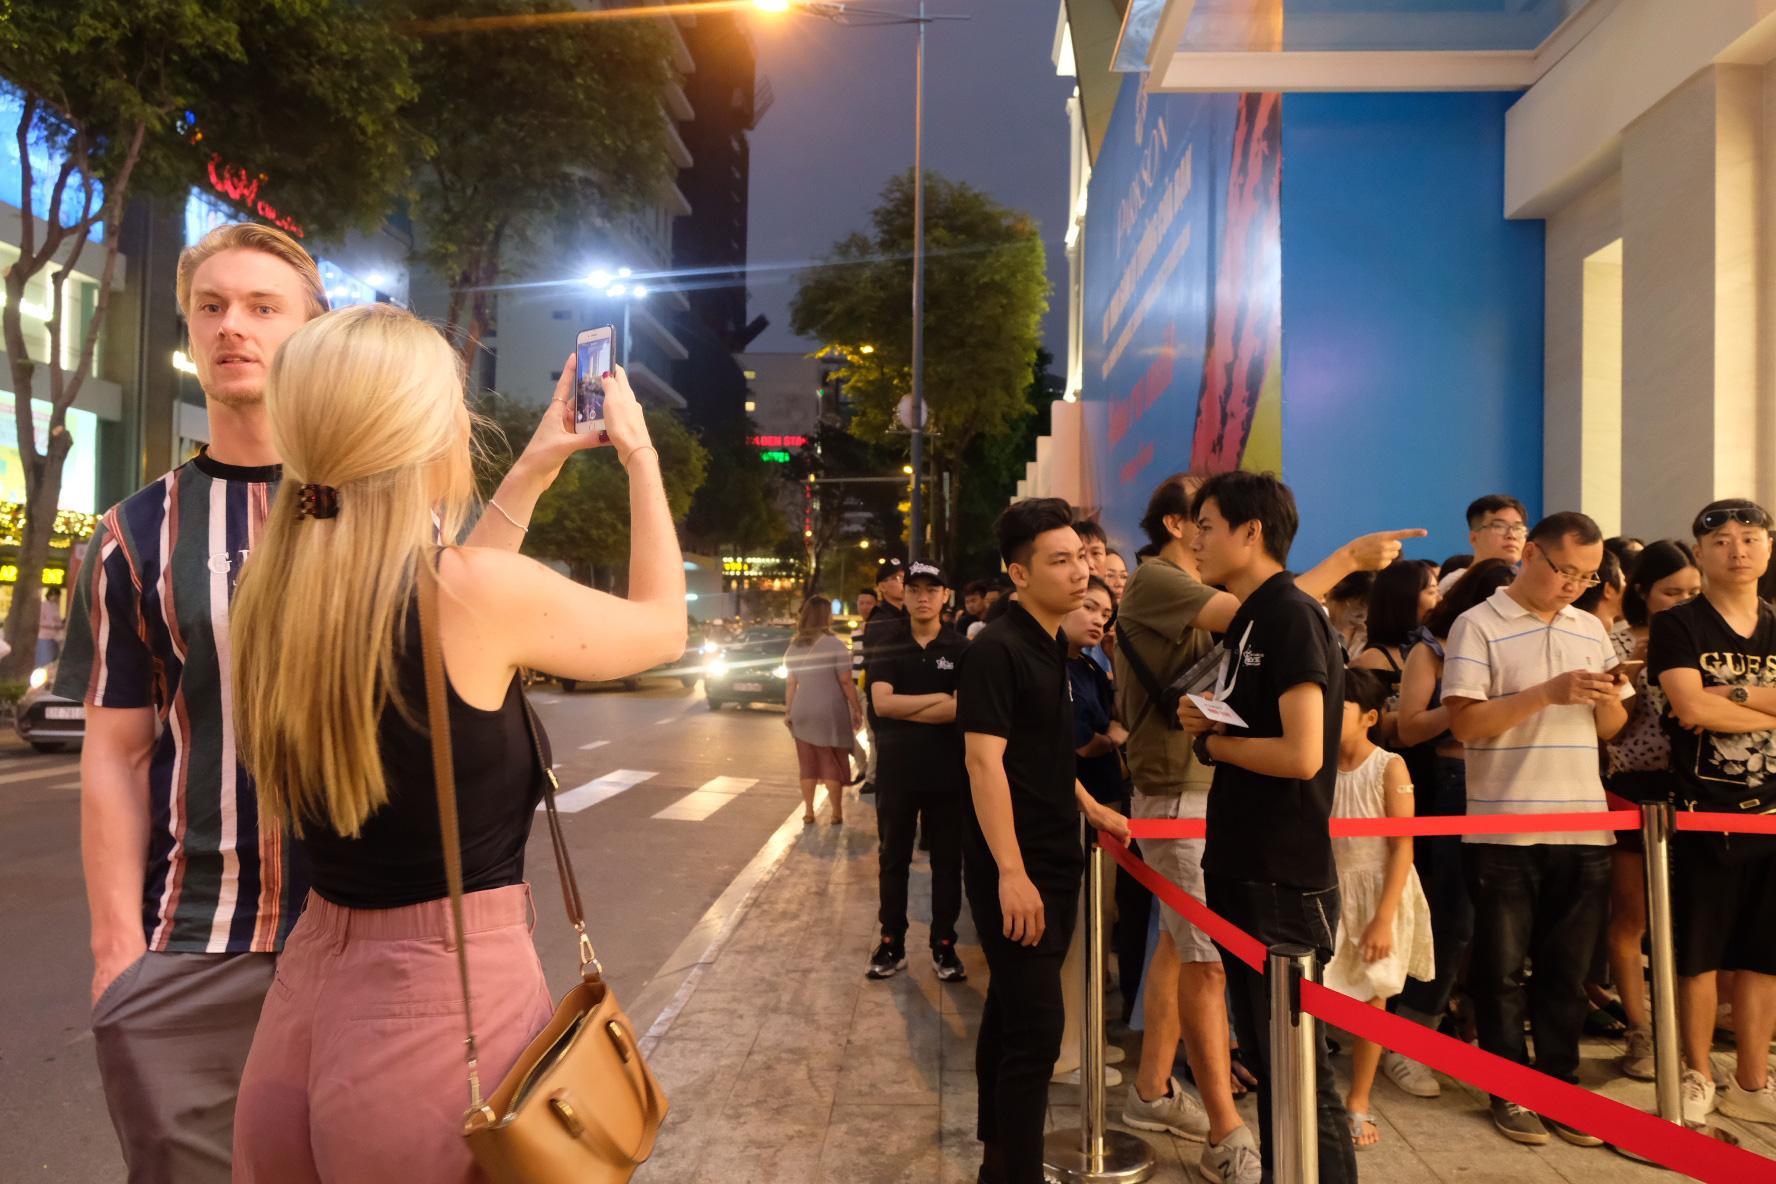 Foreigner tourists take photos of the queue line. Photo: Bong Mai / Tuoi Tre